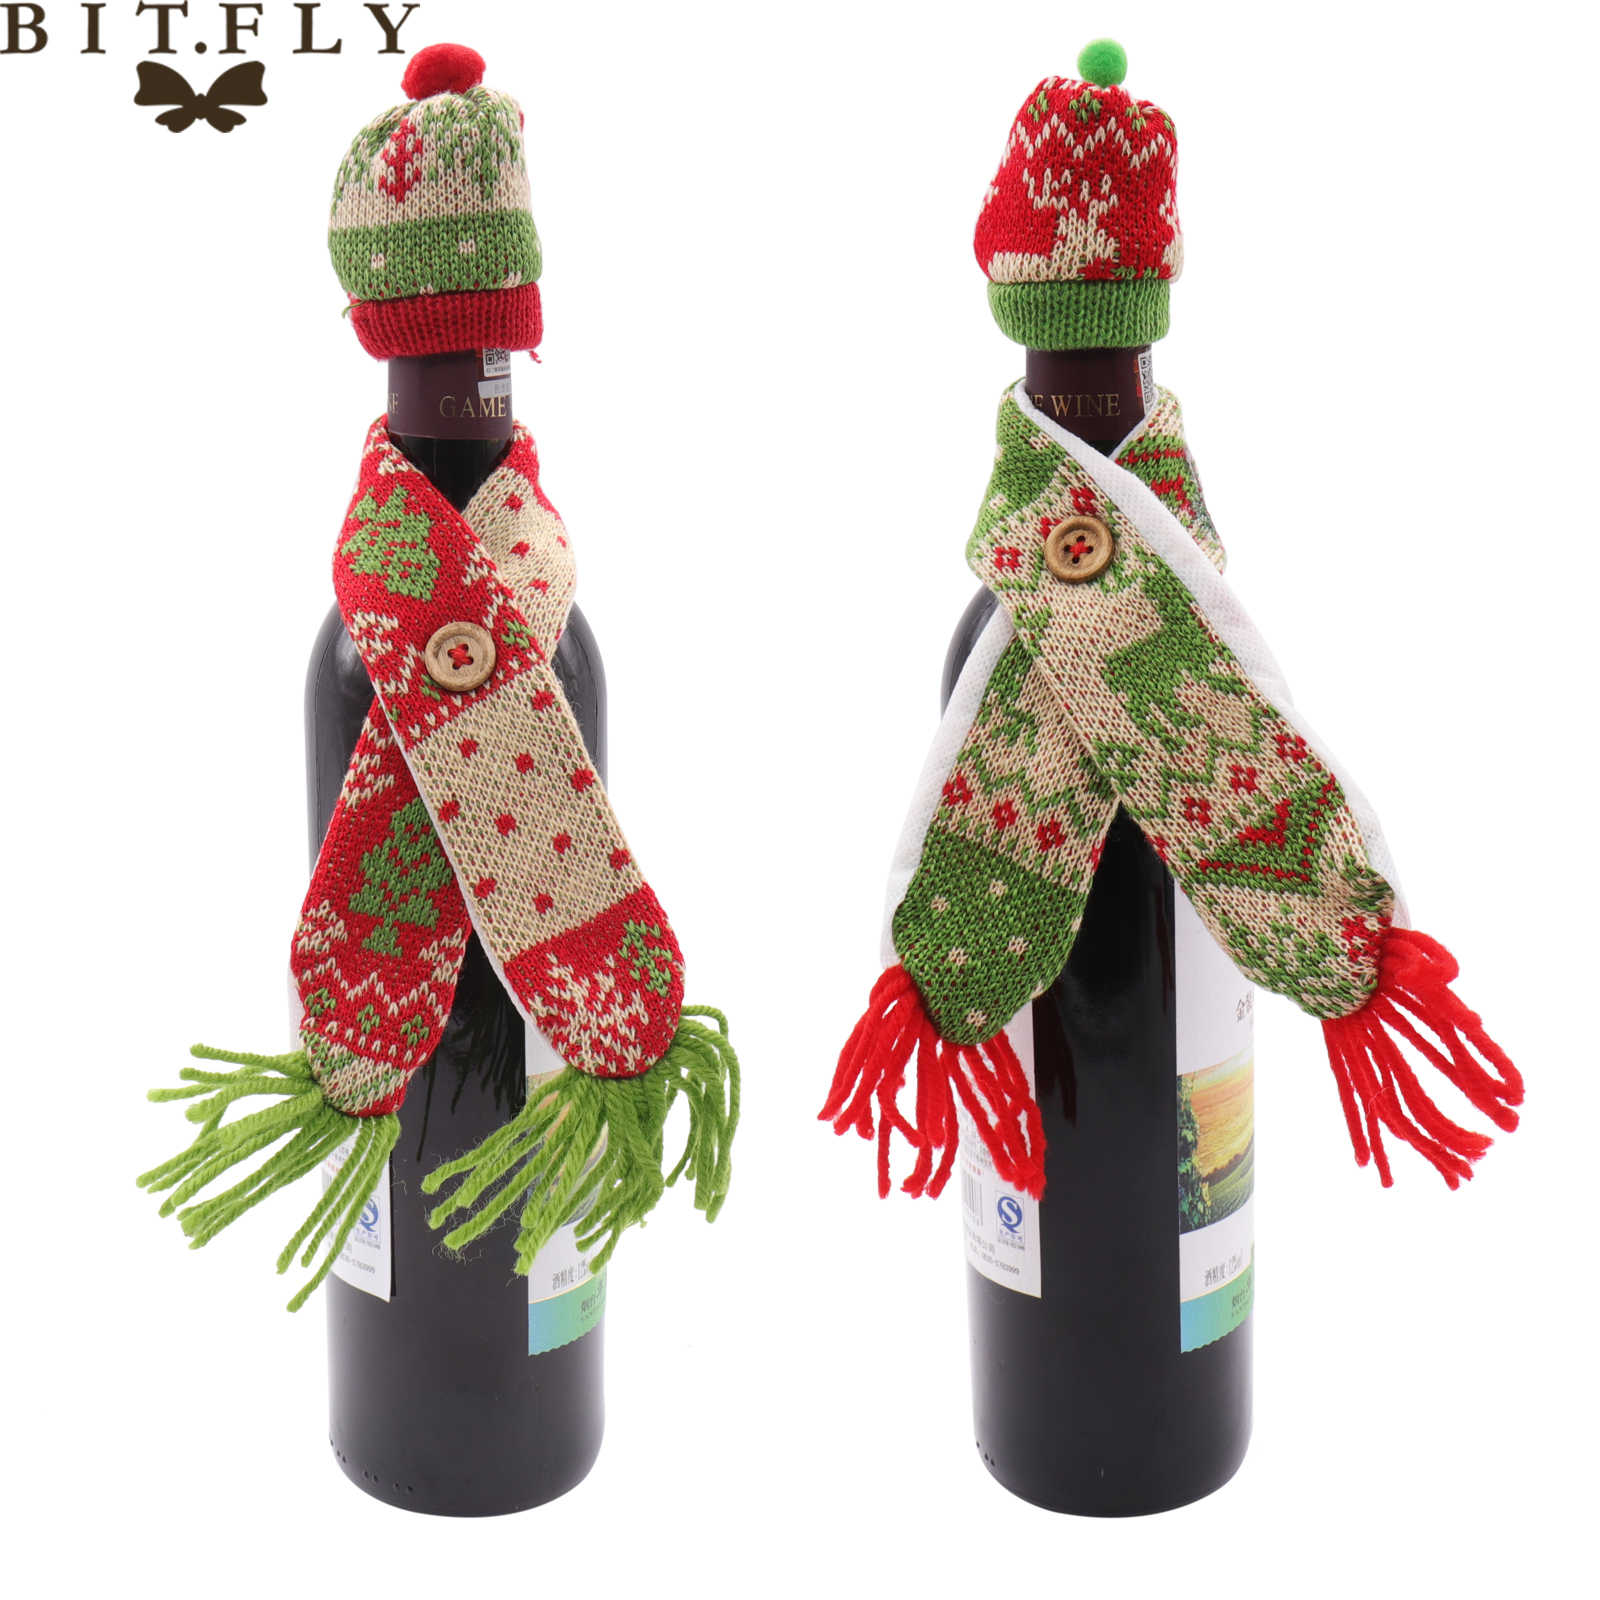 BIT. FLY Diy คริสต์มาสตกแต่งสำหรับขวดไวน์ฝาครอบหมวกผ้าพันคอเกล็ดหิมะเทศกาล noel ใหม่ปีตาราง Home Decor